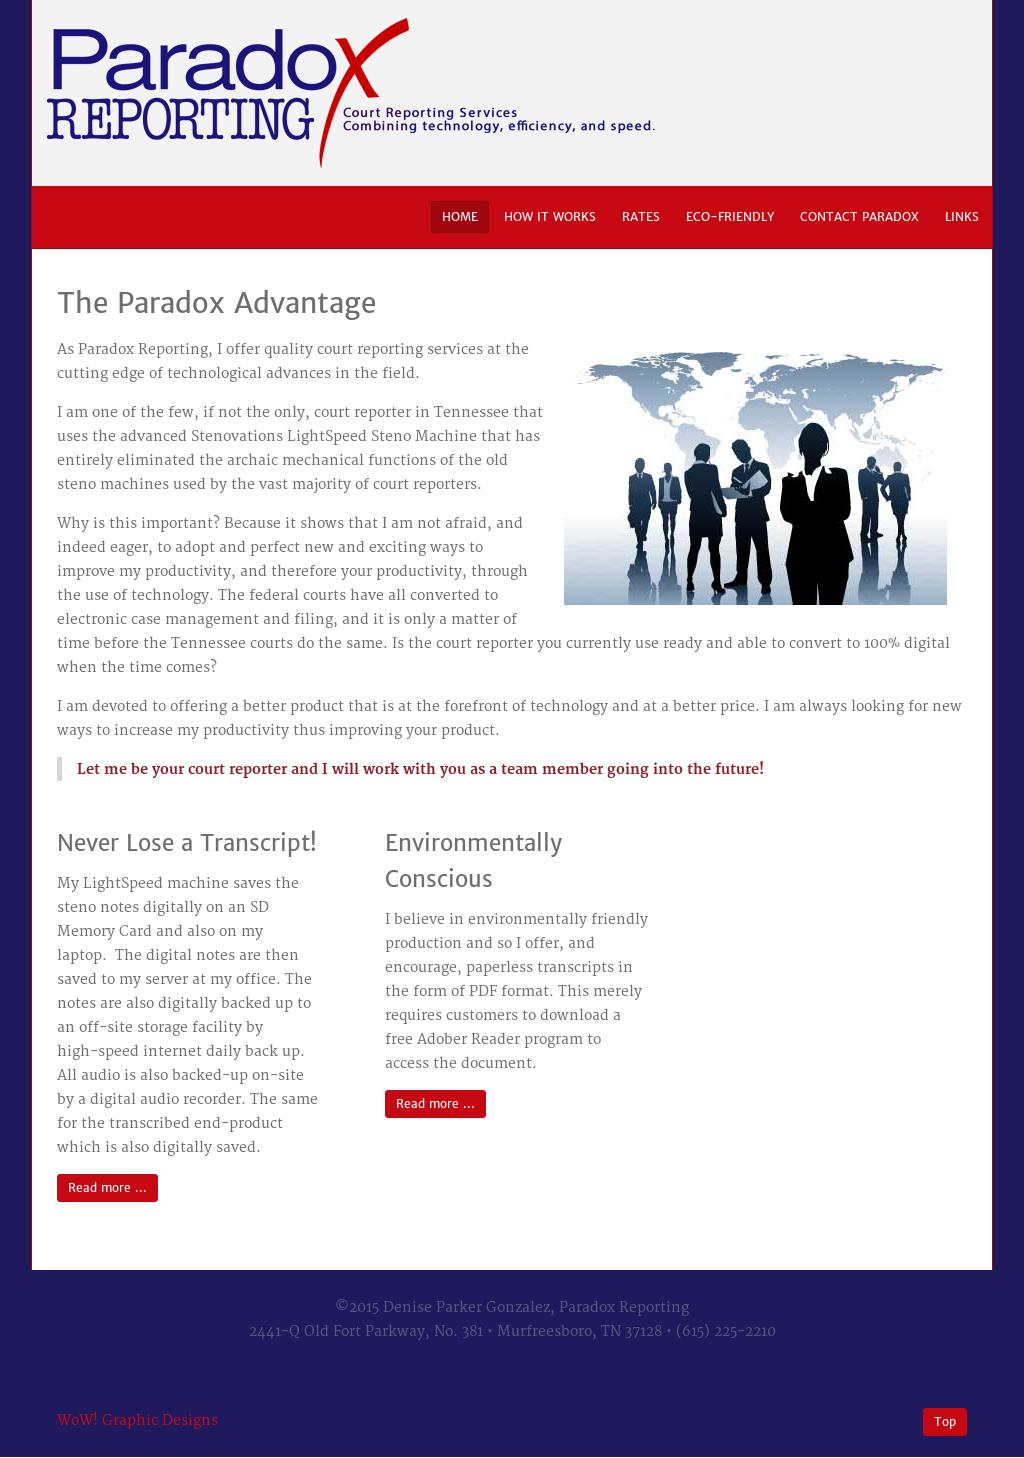 Denise Parker Gonzalez Competitors, Revenue and Employees